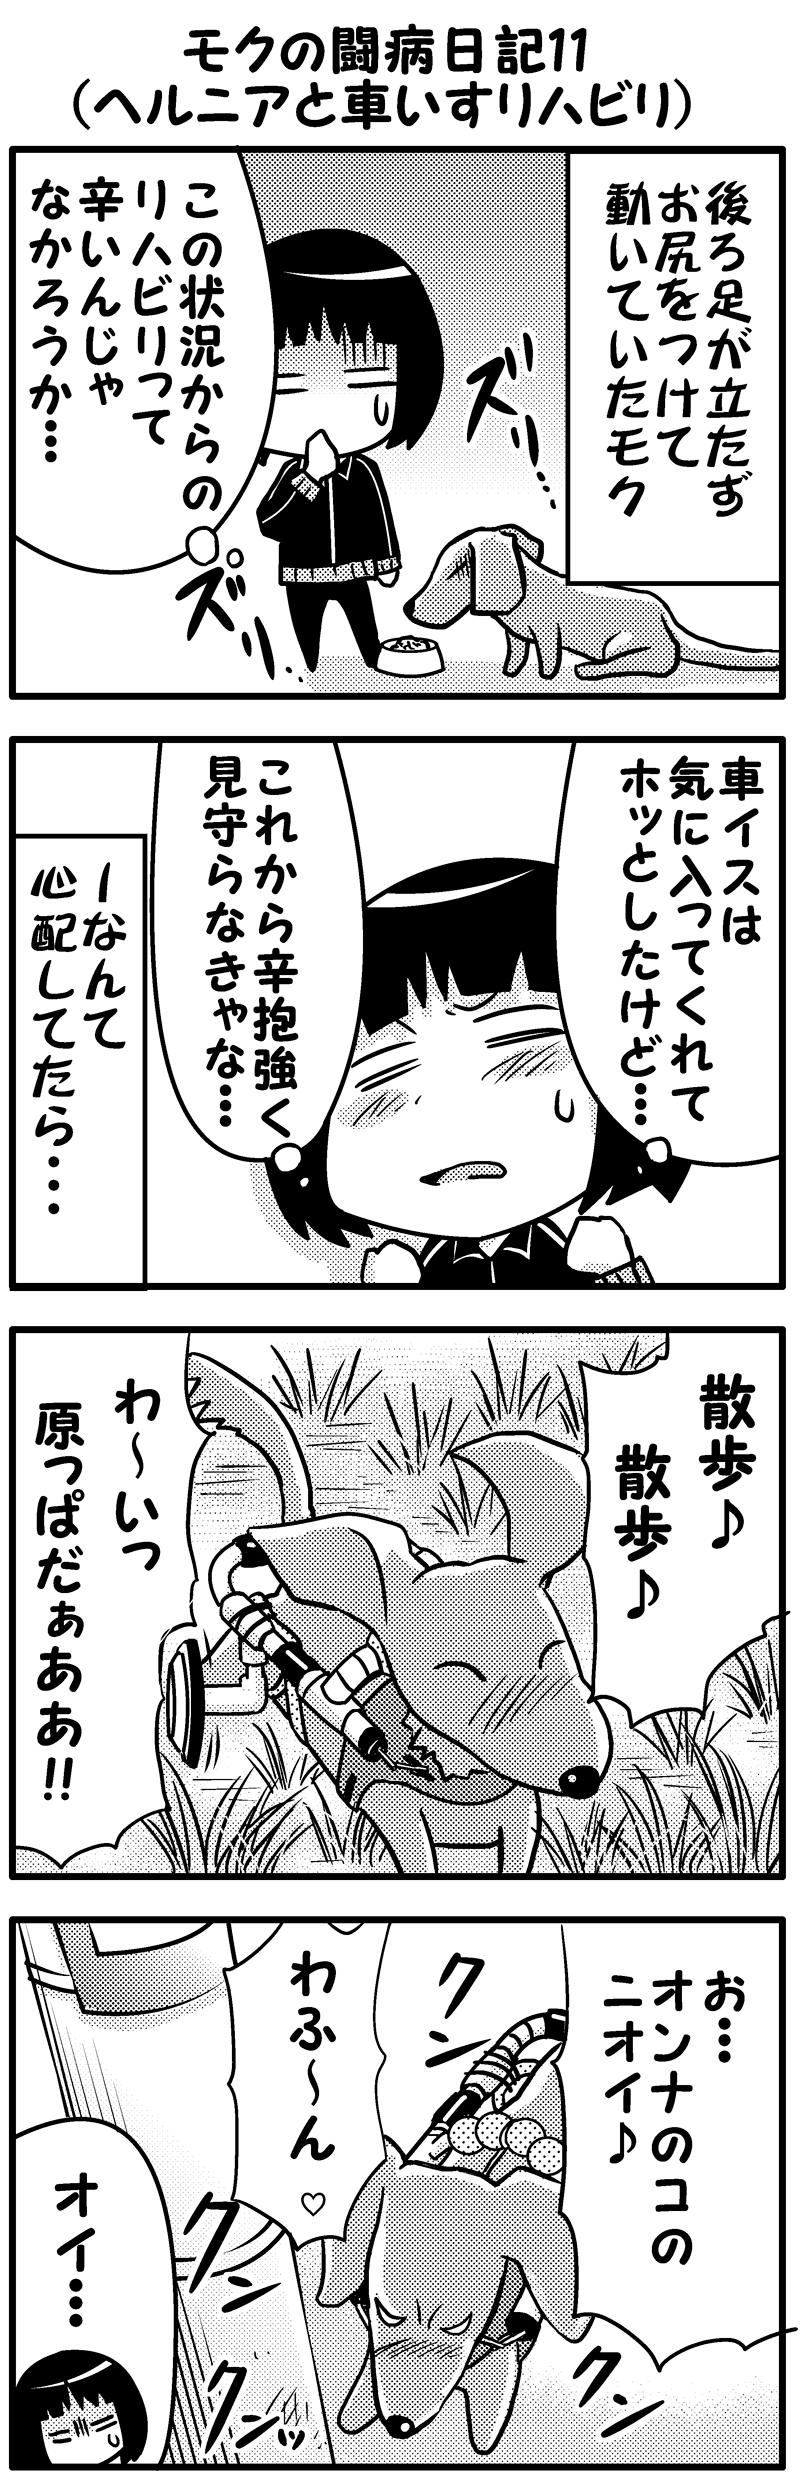 モク闘病日記11前